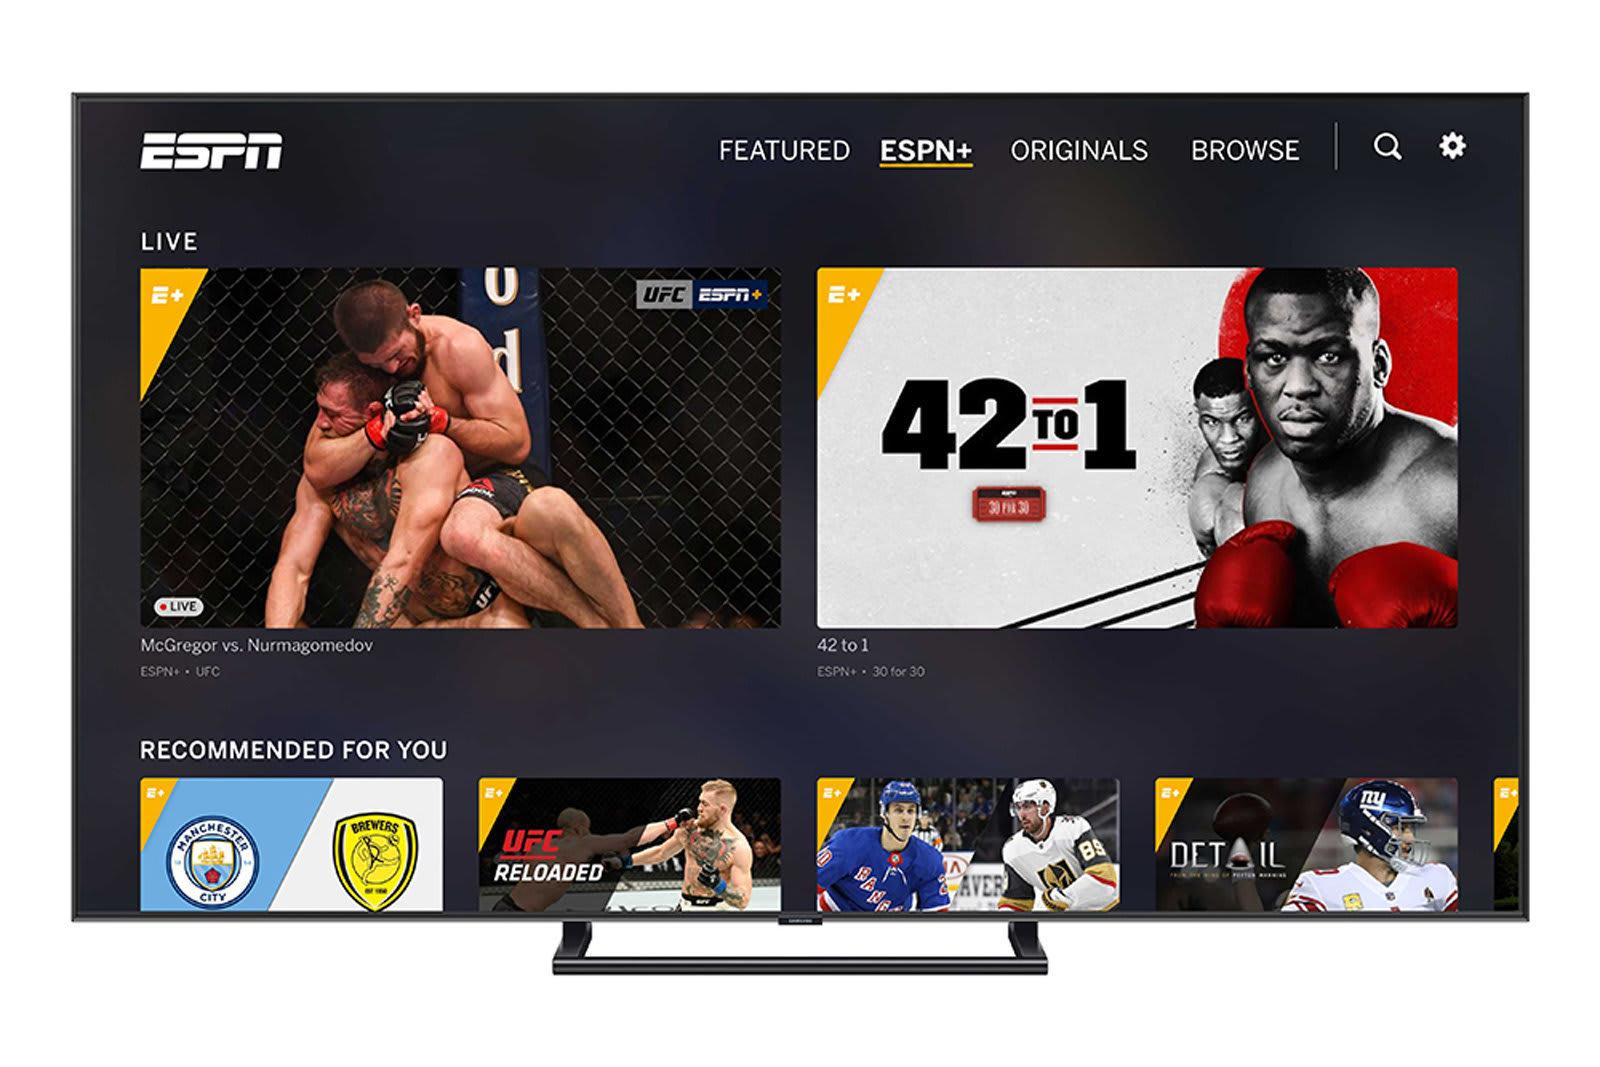 ESPN+ was already an insane deal, now it has the Bundesliga